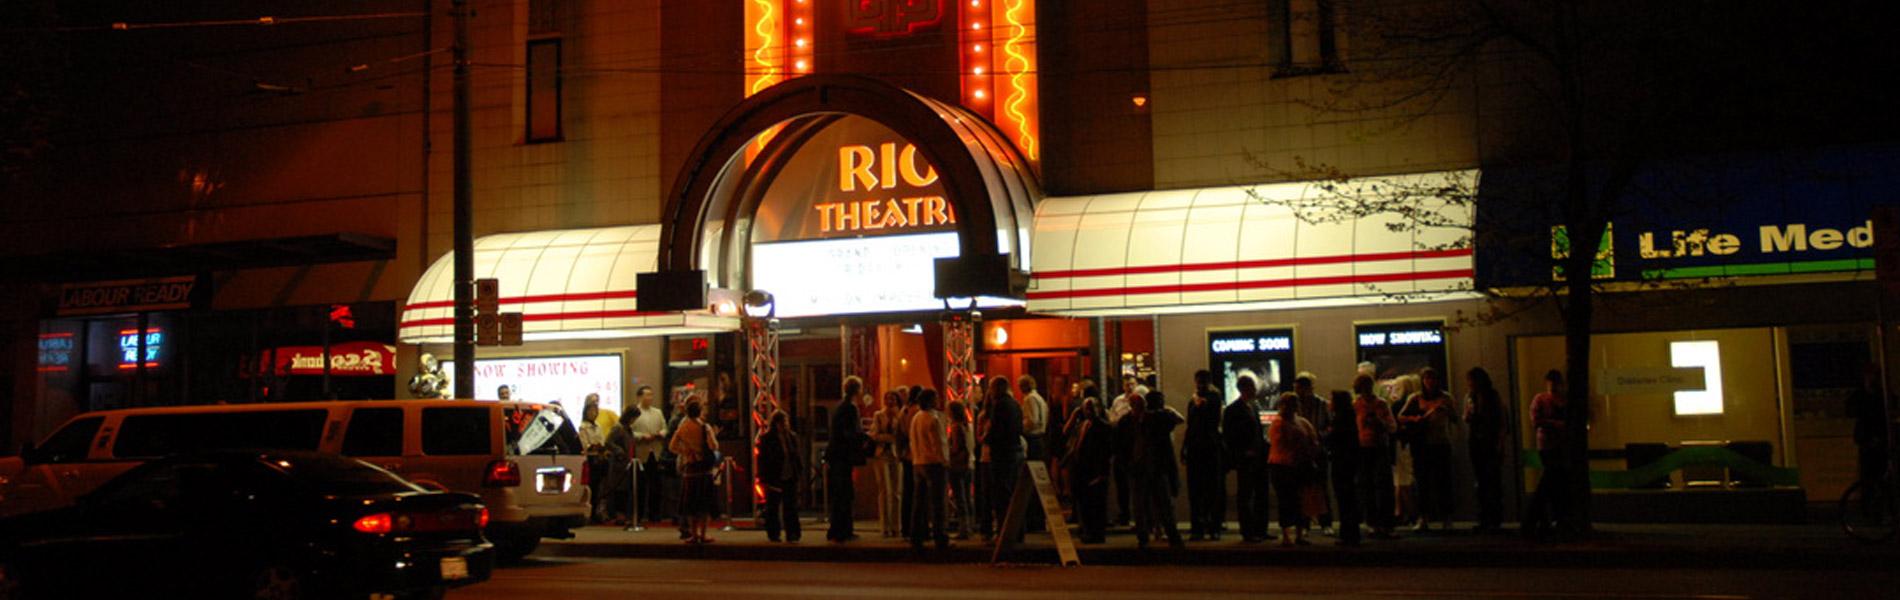 Save the Rio Telethon at the Rio Theatre